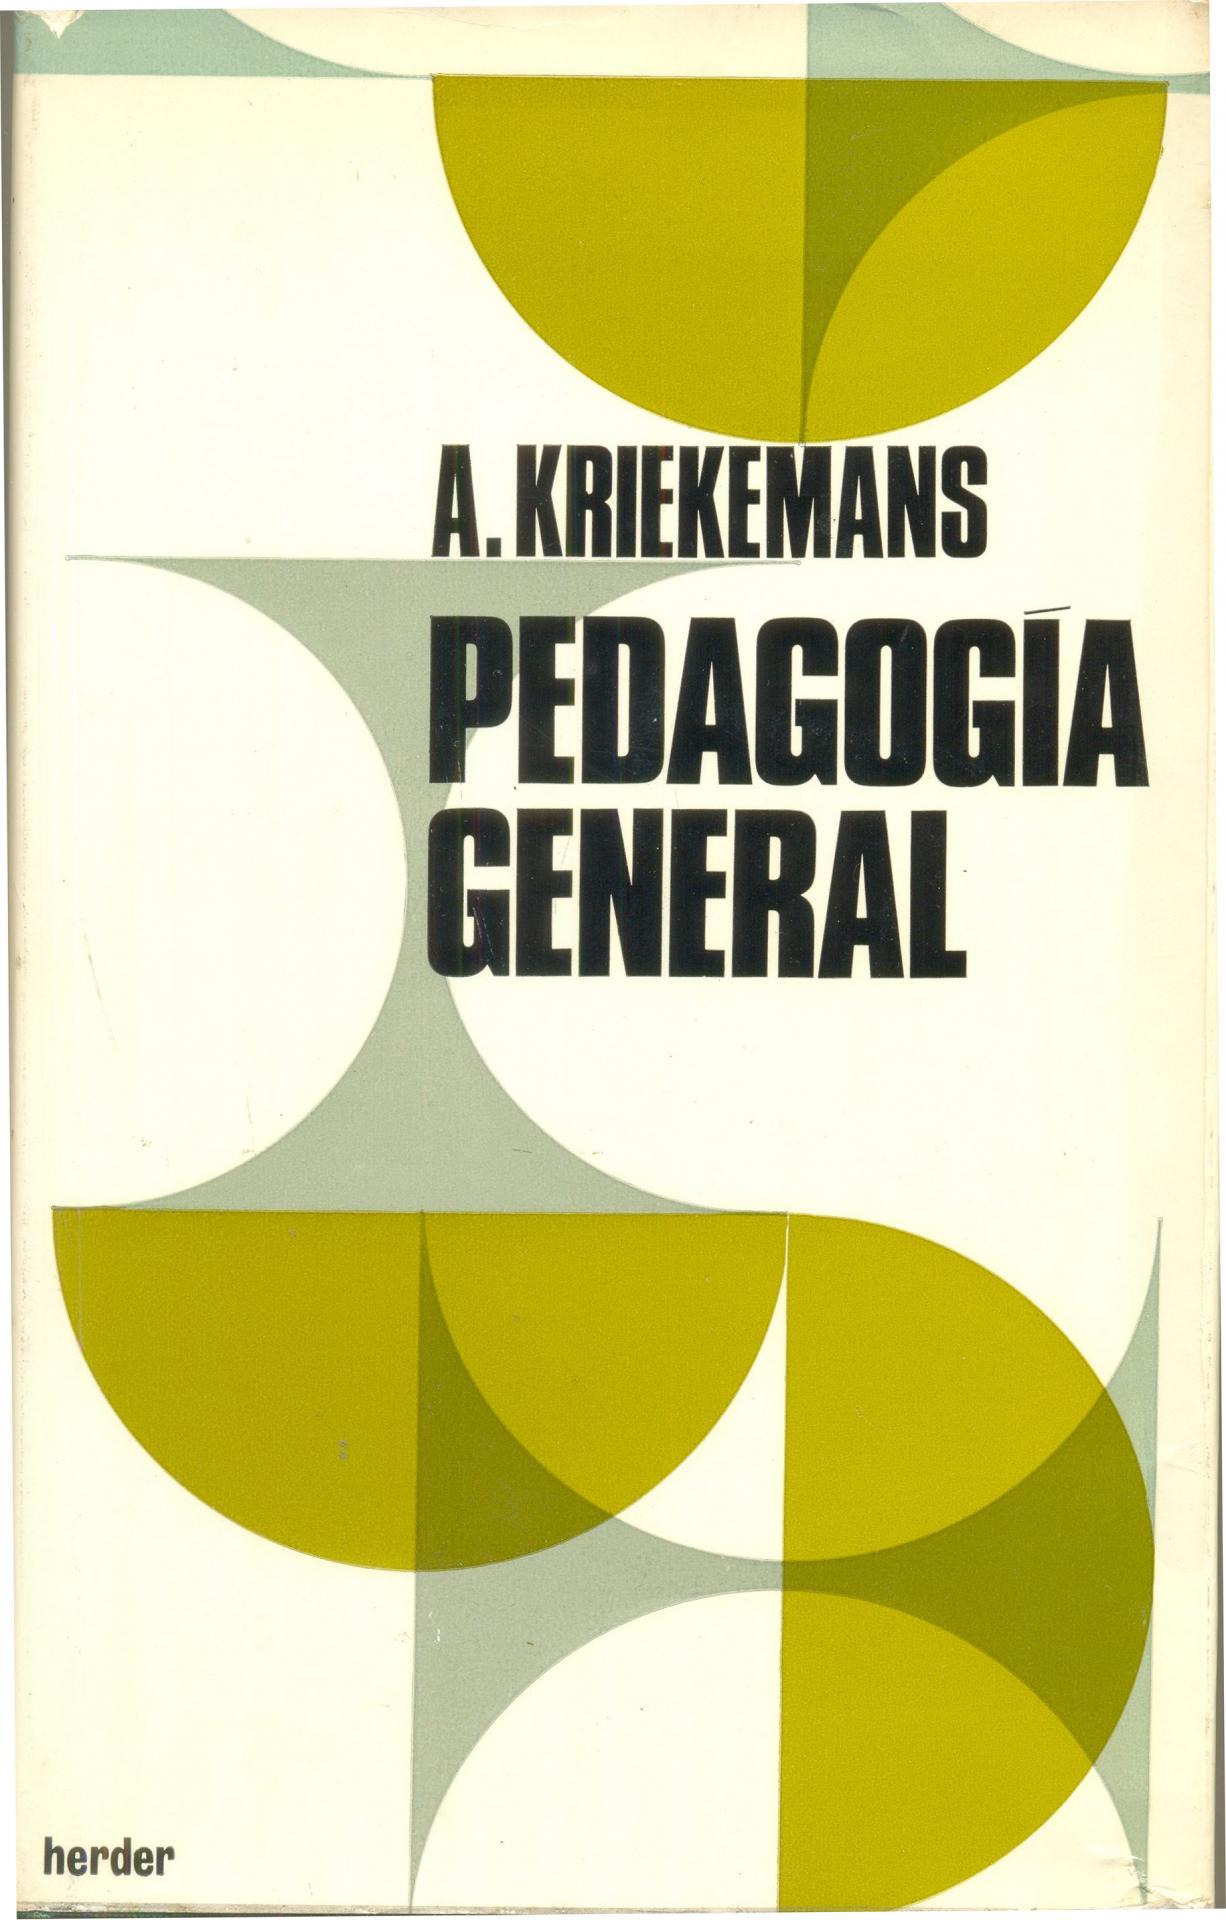 PEDAGOGÍA GENERAL. Kriekemans, A.